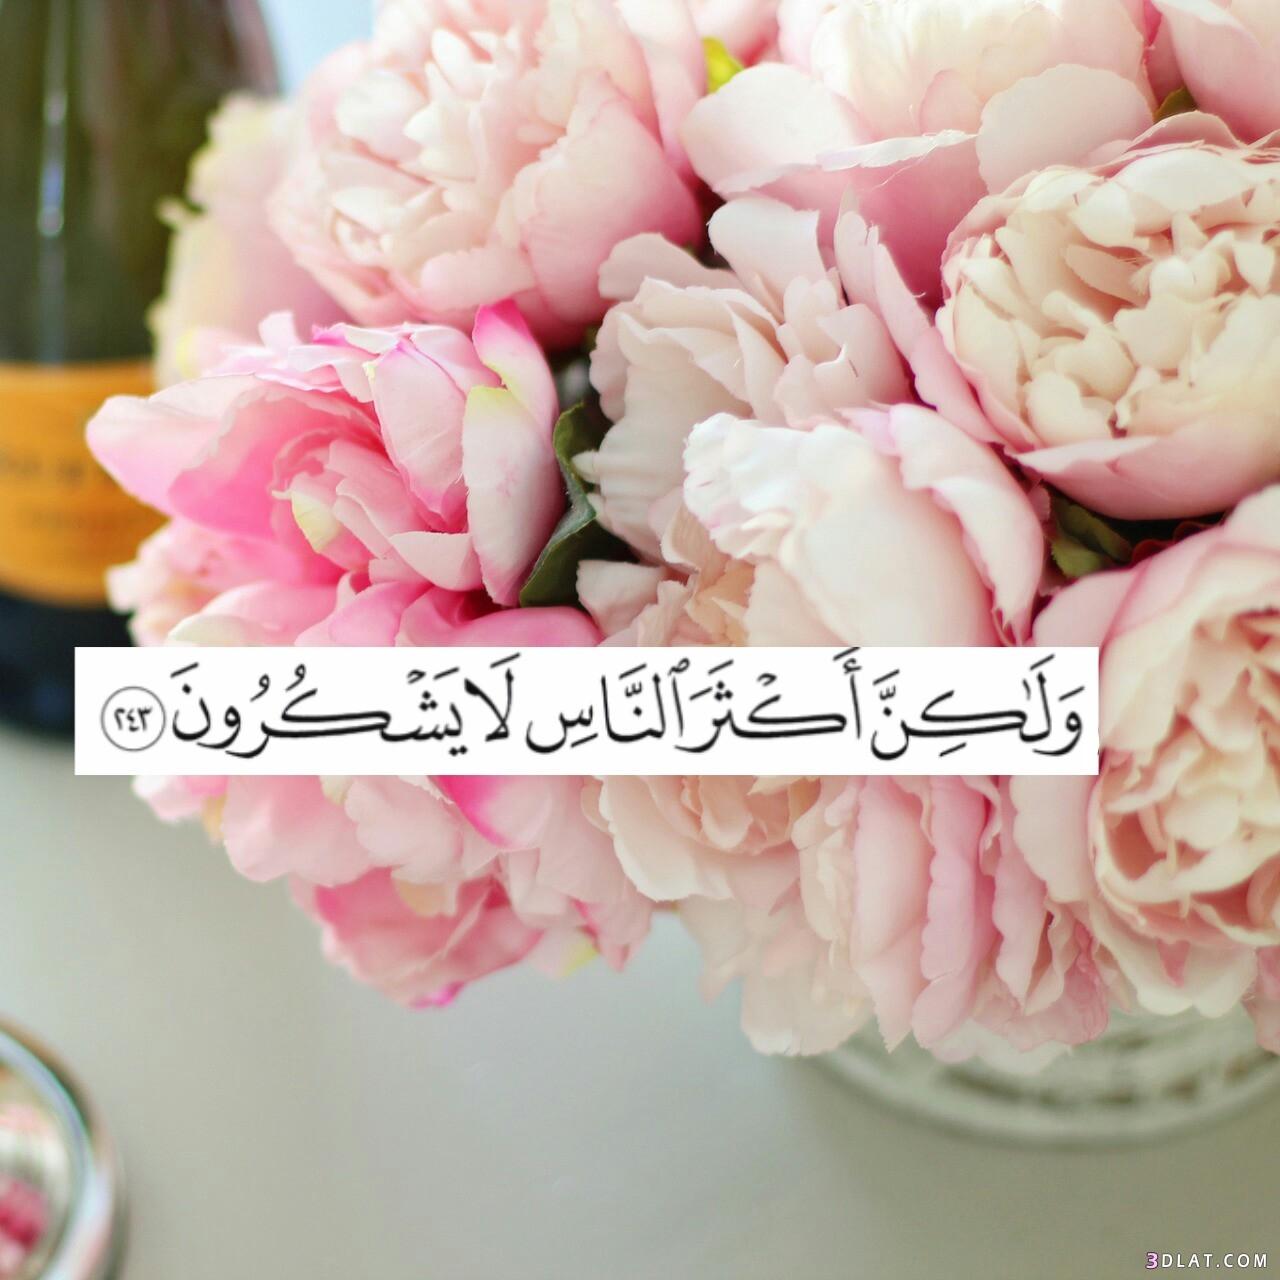 بالصور رمزيات اسلاميه , اجمل الصور والخلفيات الاسلامية 3050 6